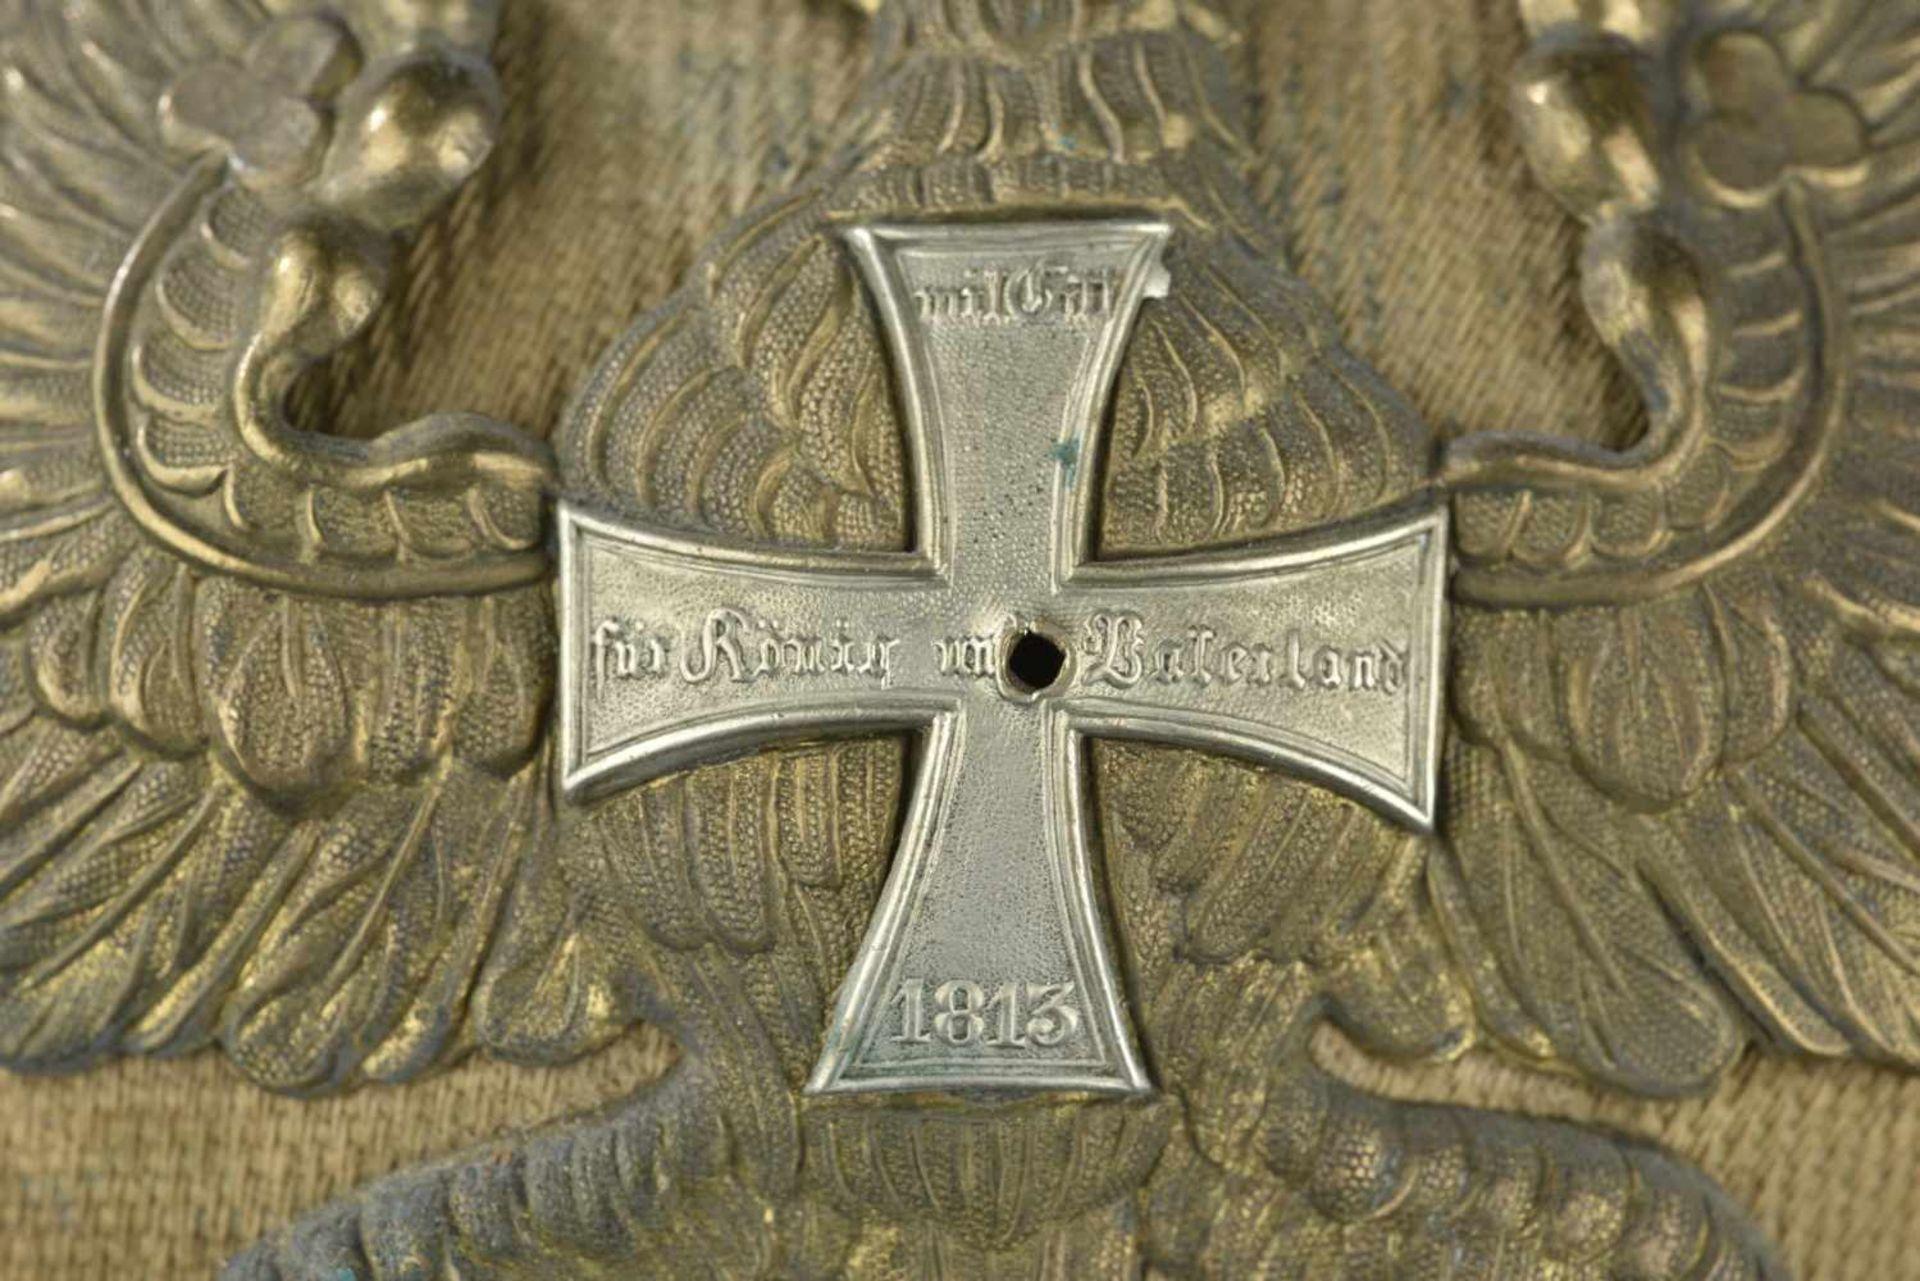 PRUSSE Casque ersatz troupe de l'infanterie Prussienne vraisemblablement issu de la série des essais - Bild 4 aus 4